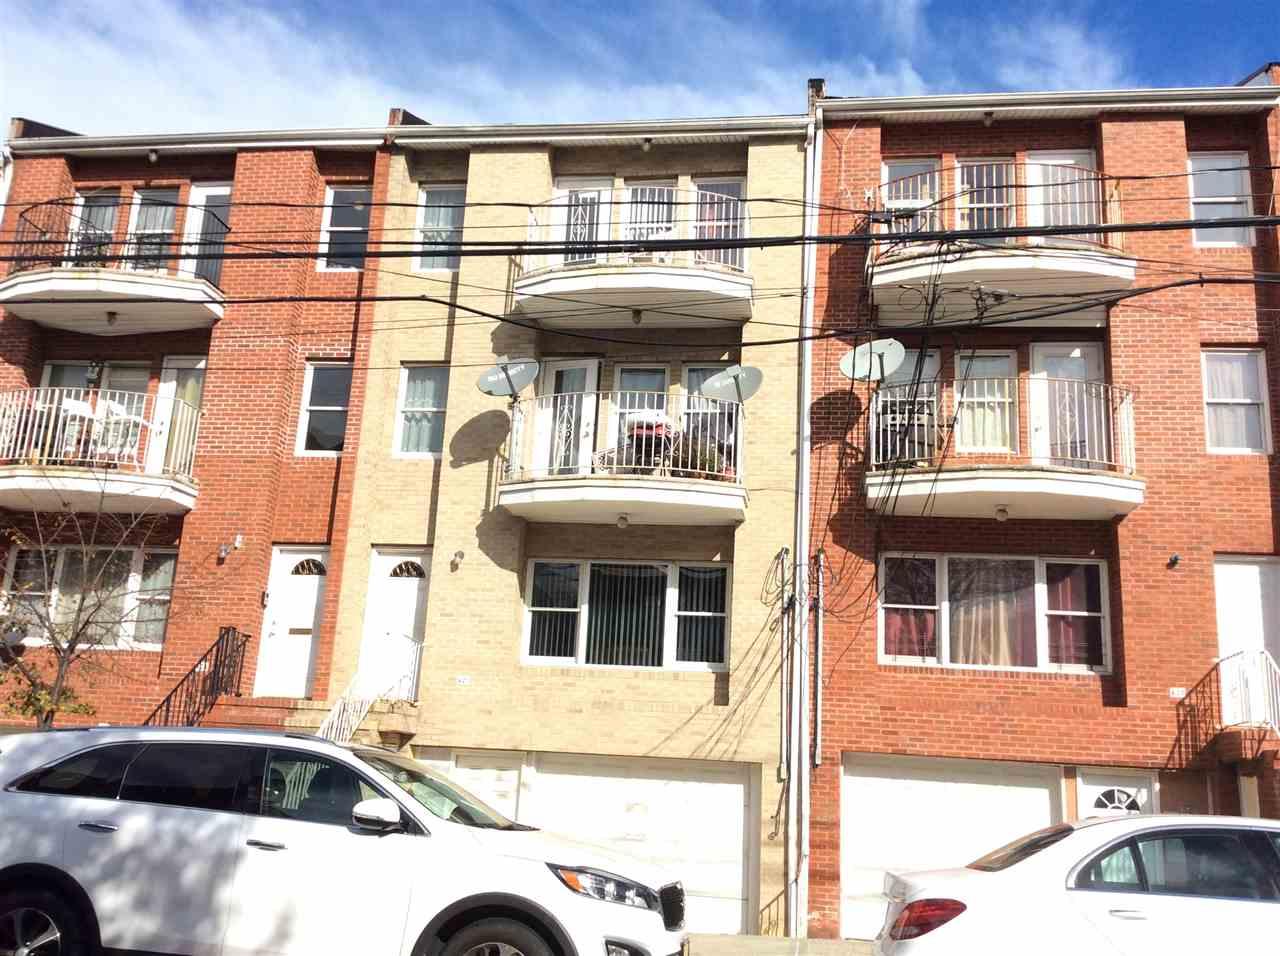 422 6TH ST, Union City, NJ 07087